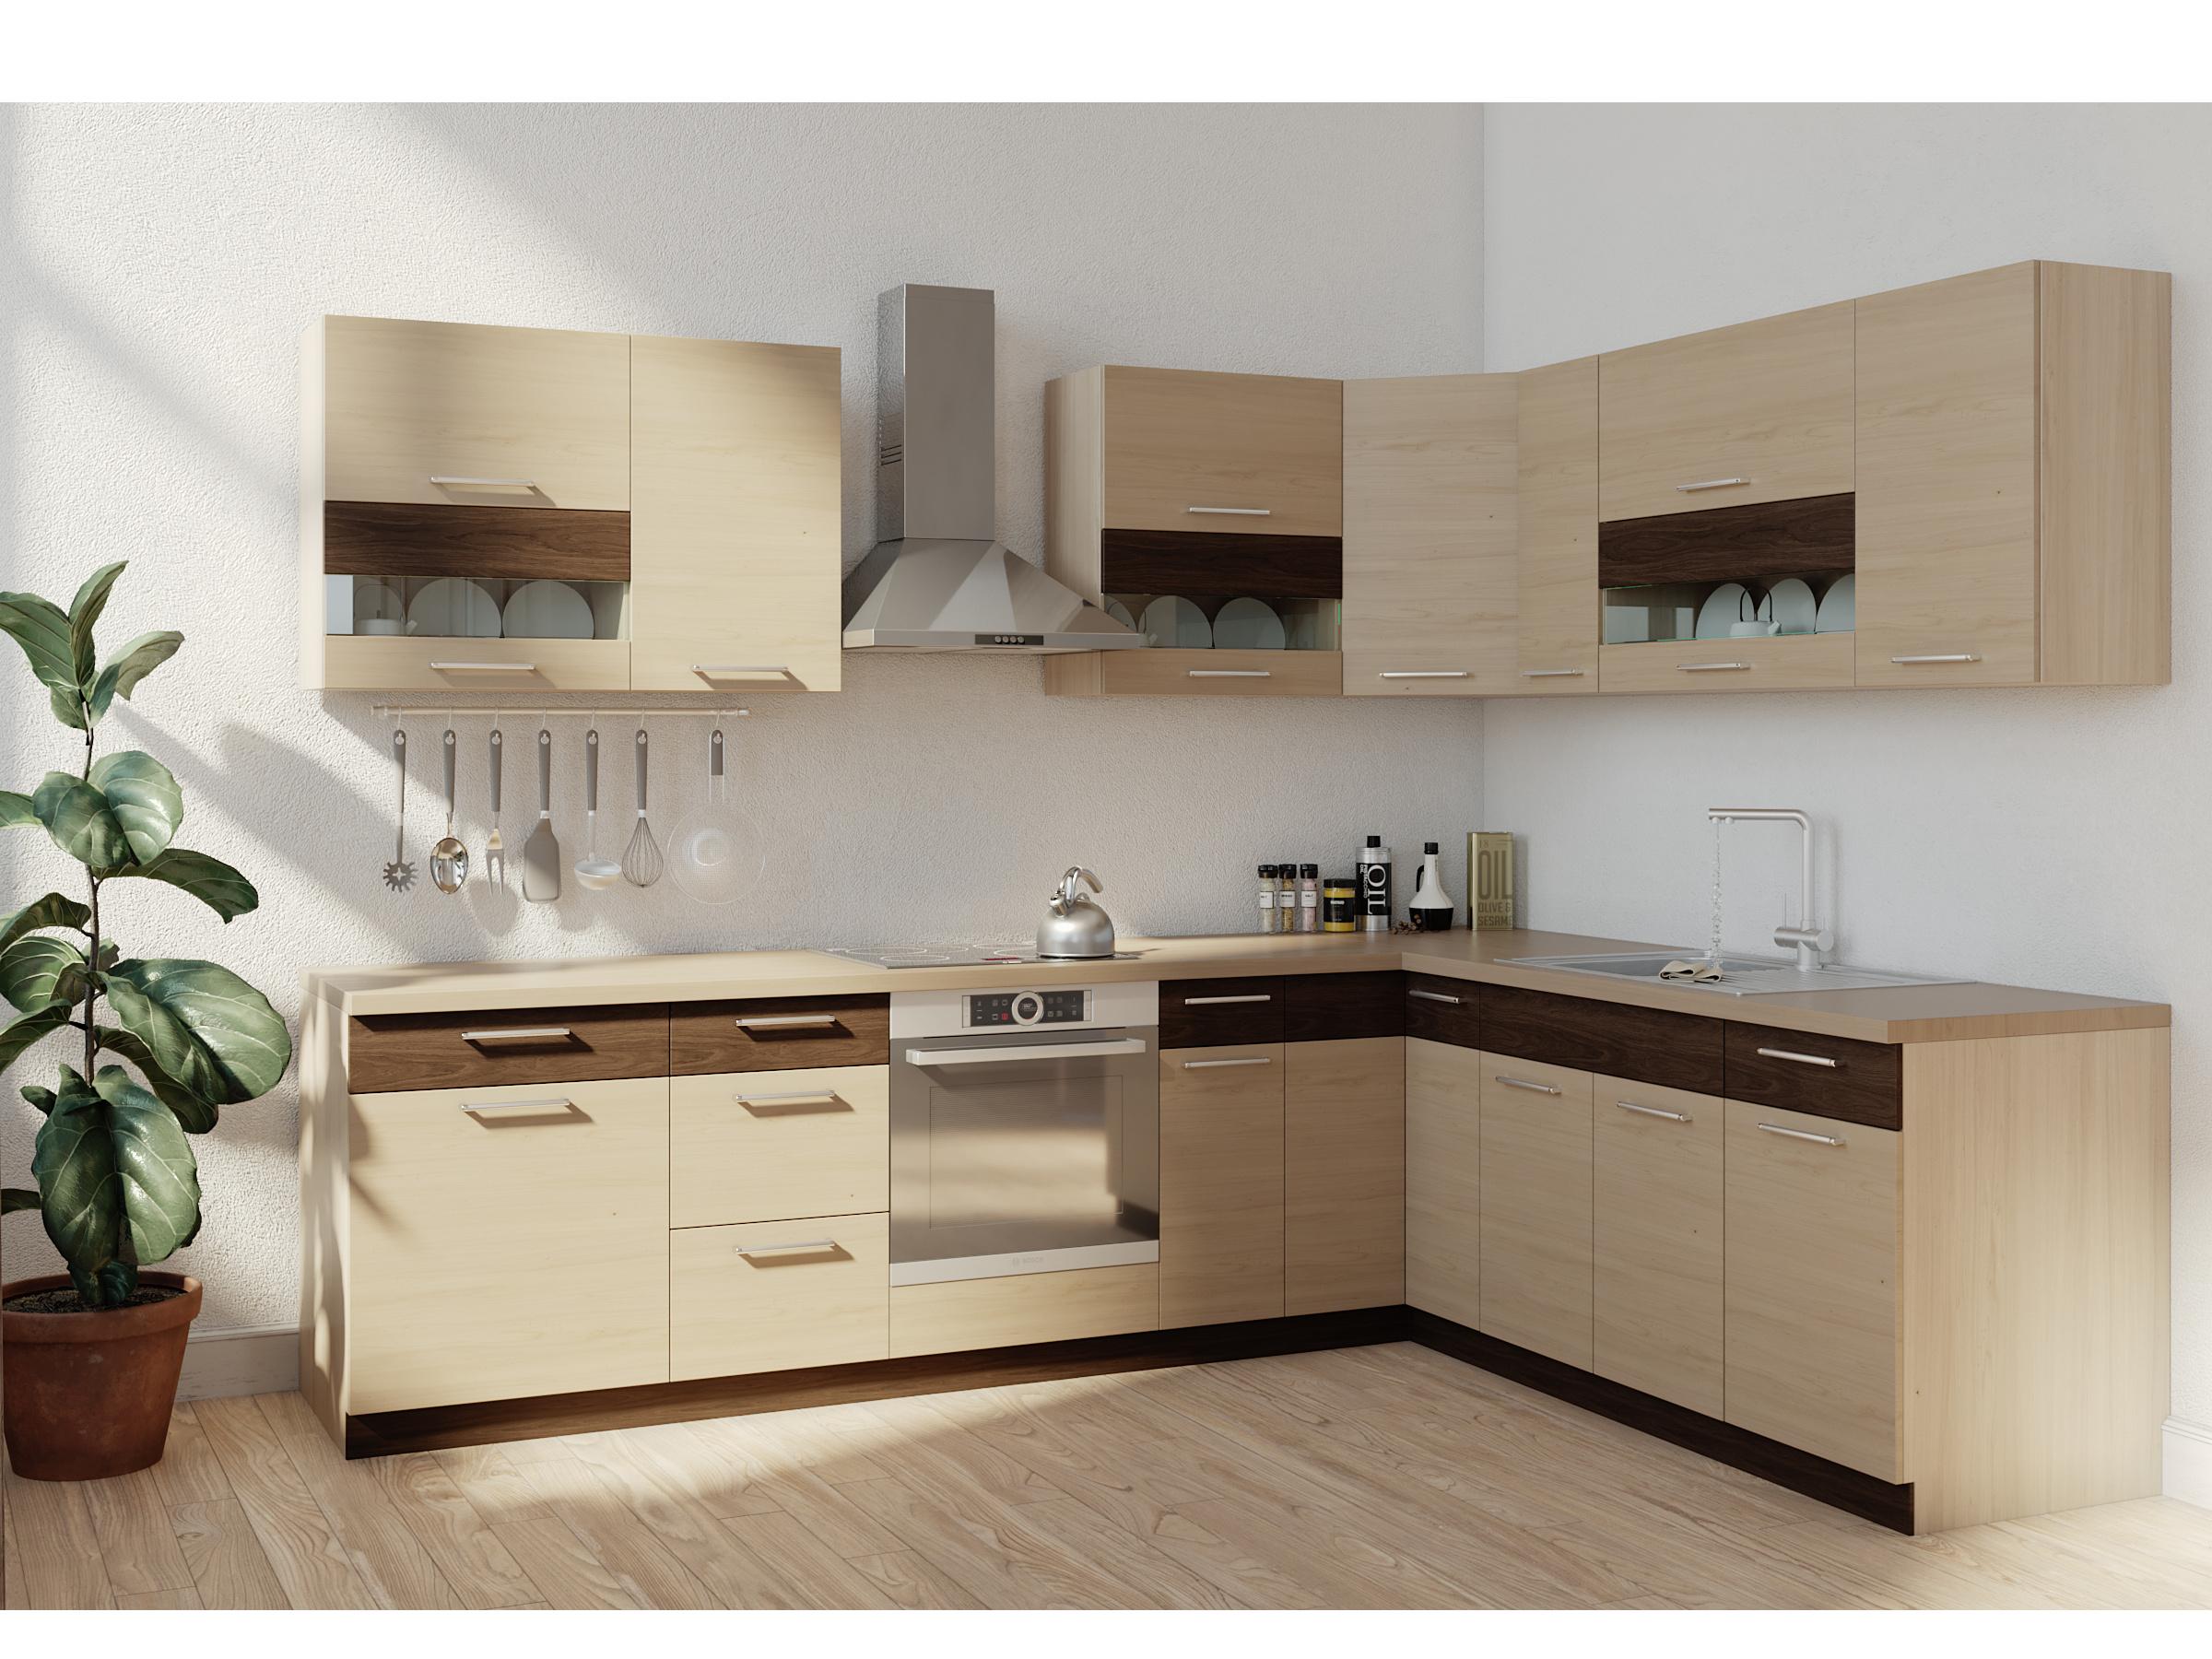 Rohová kuchyně MODENA 285x210, rijeka světlá